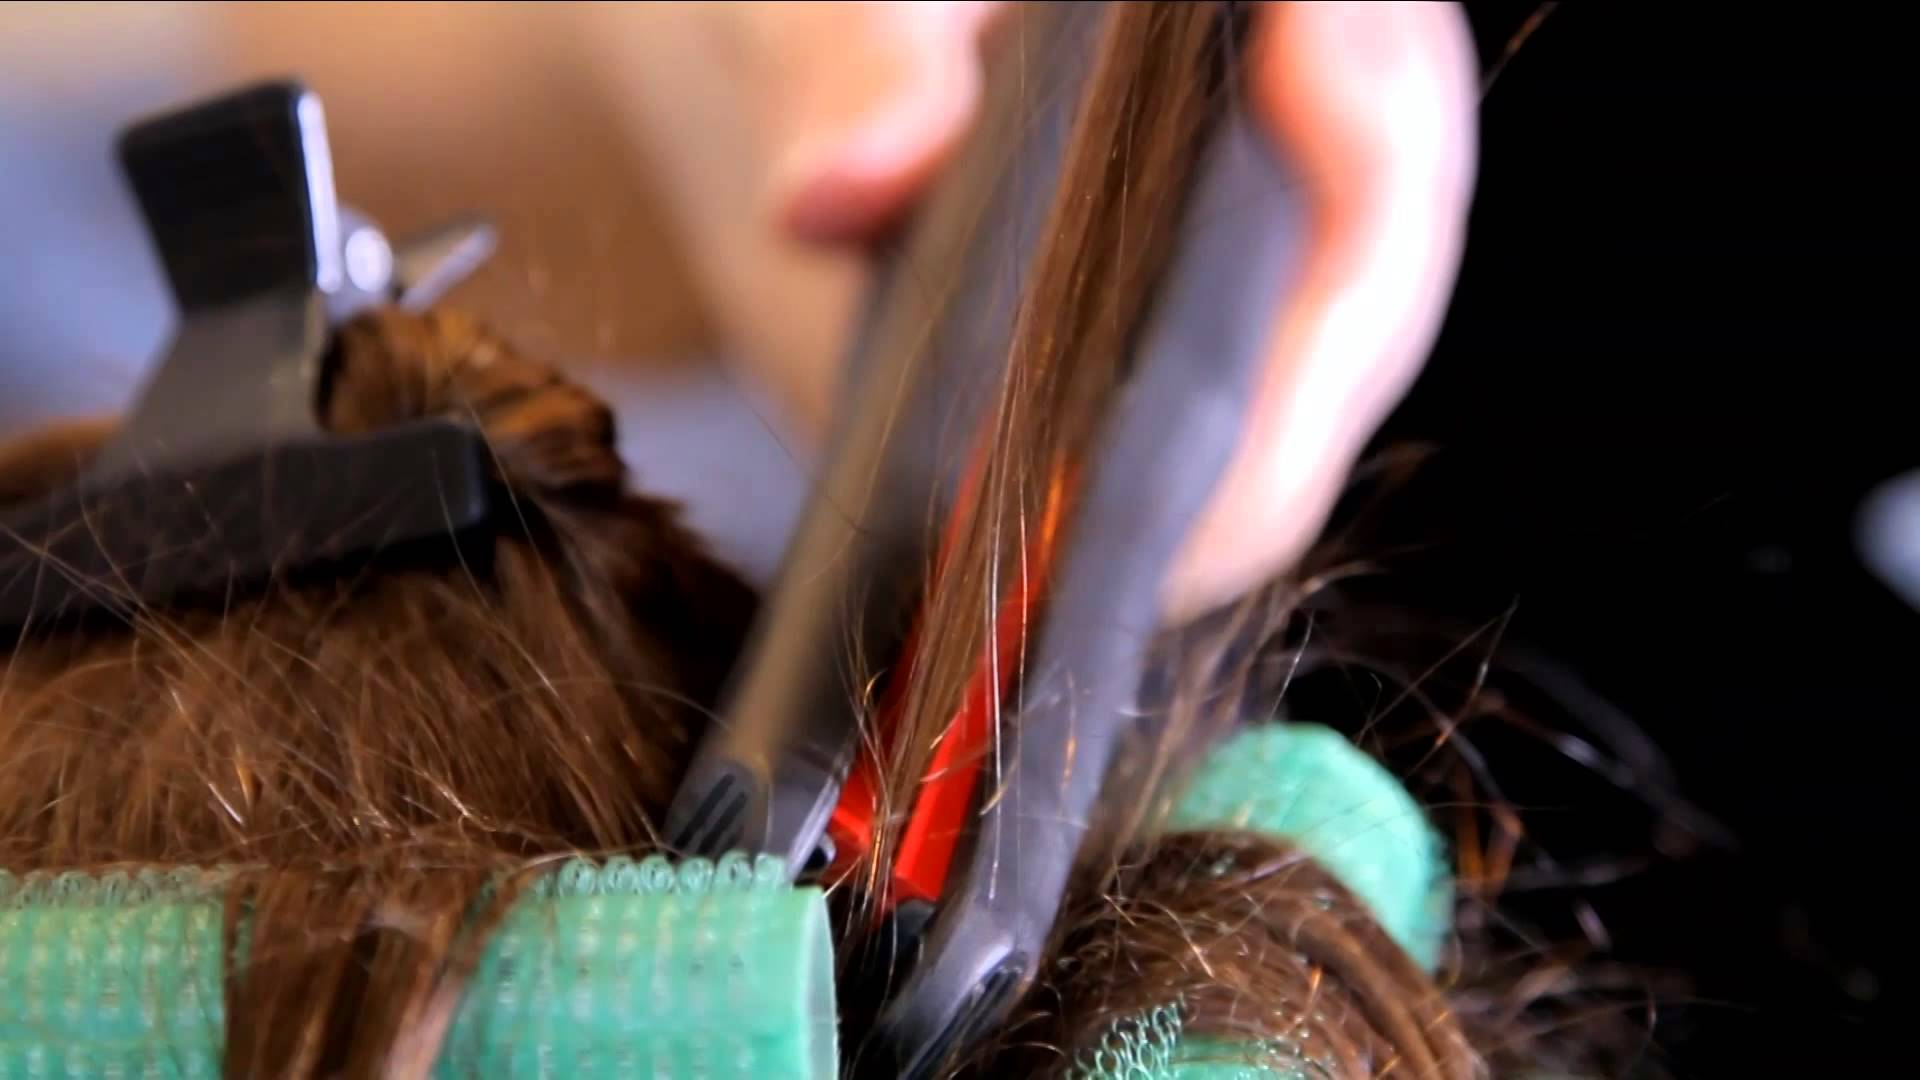 Как сделать в домашних условиях прикорневую завивку волос